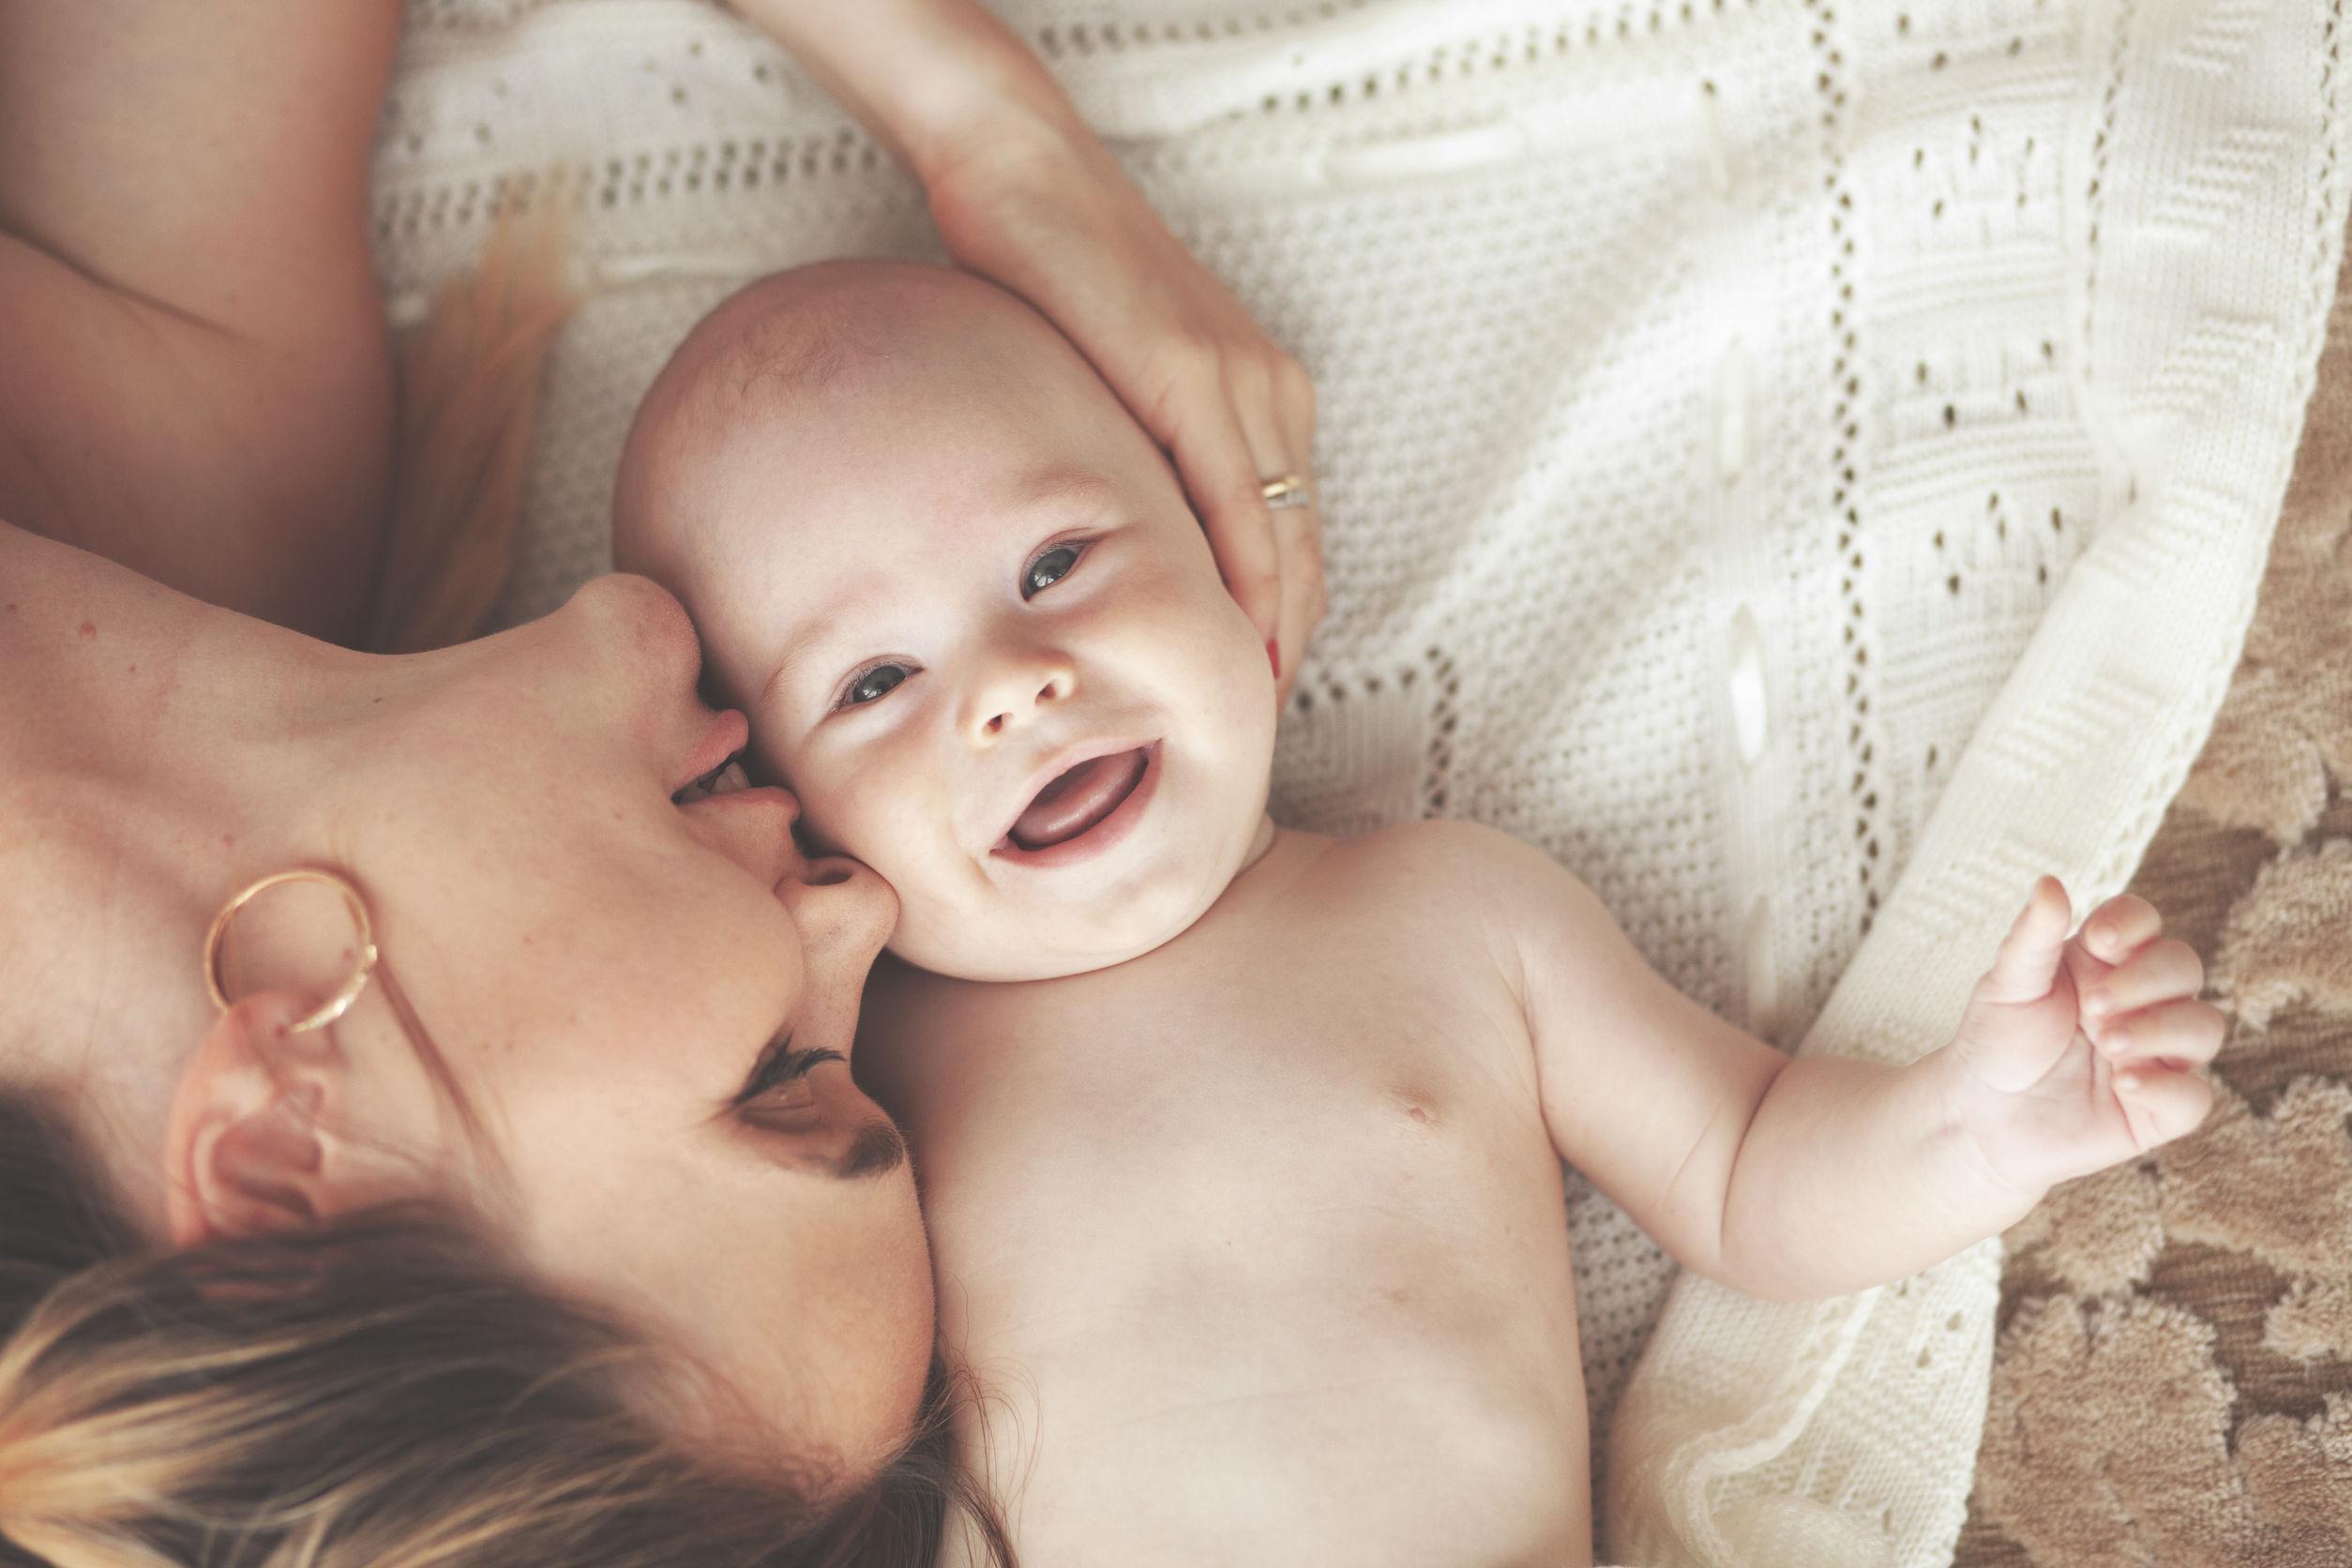 Desarrollo emocional y social del bebé